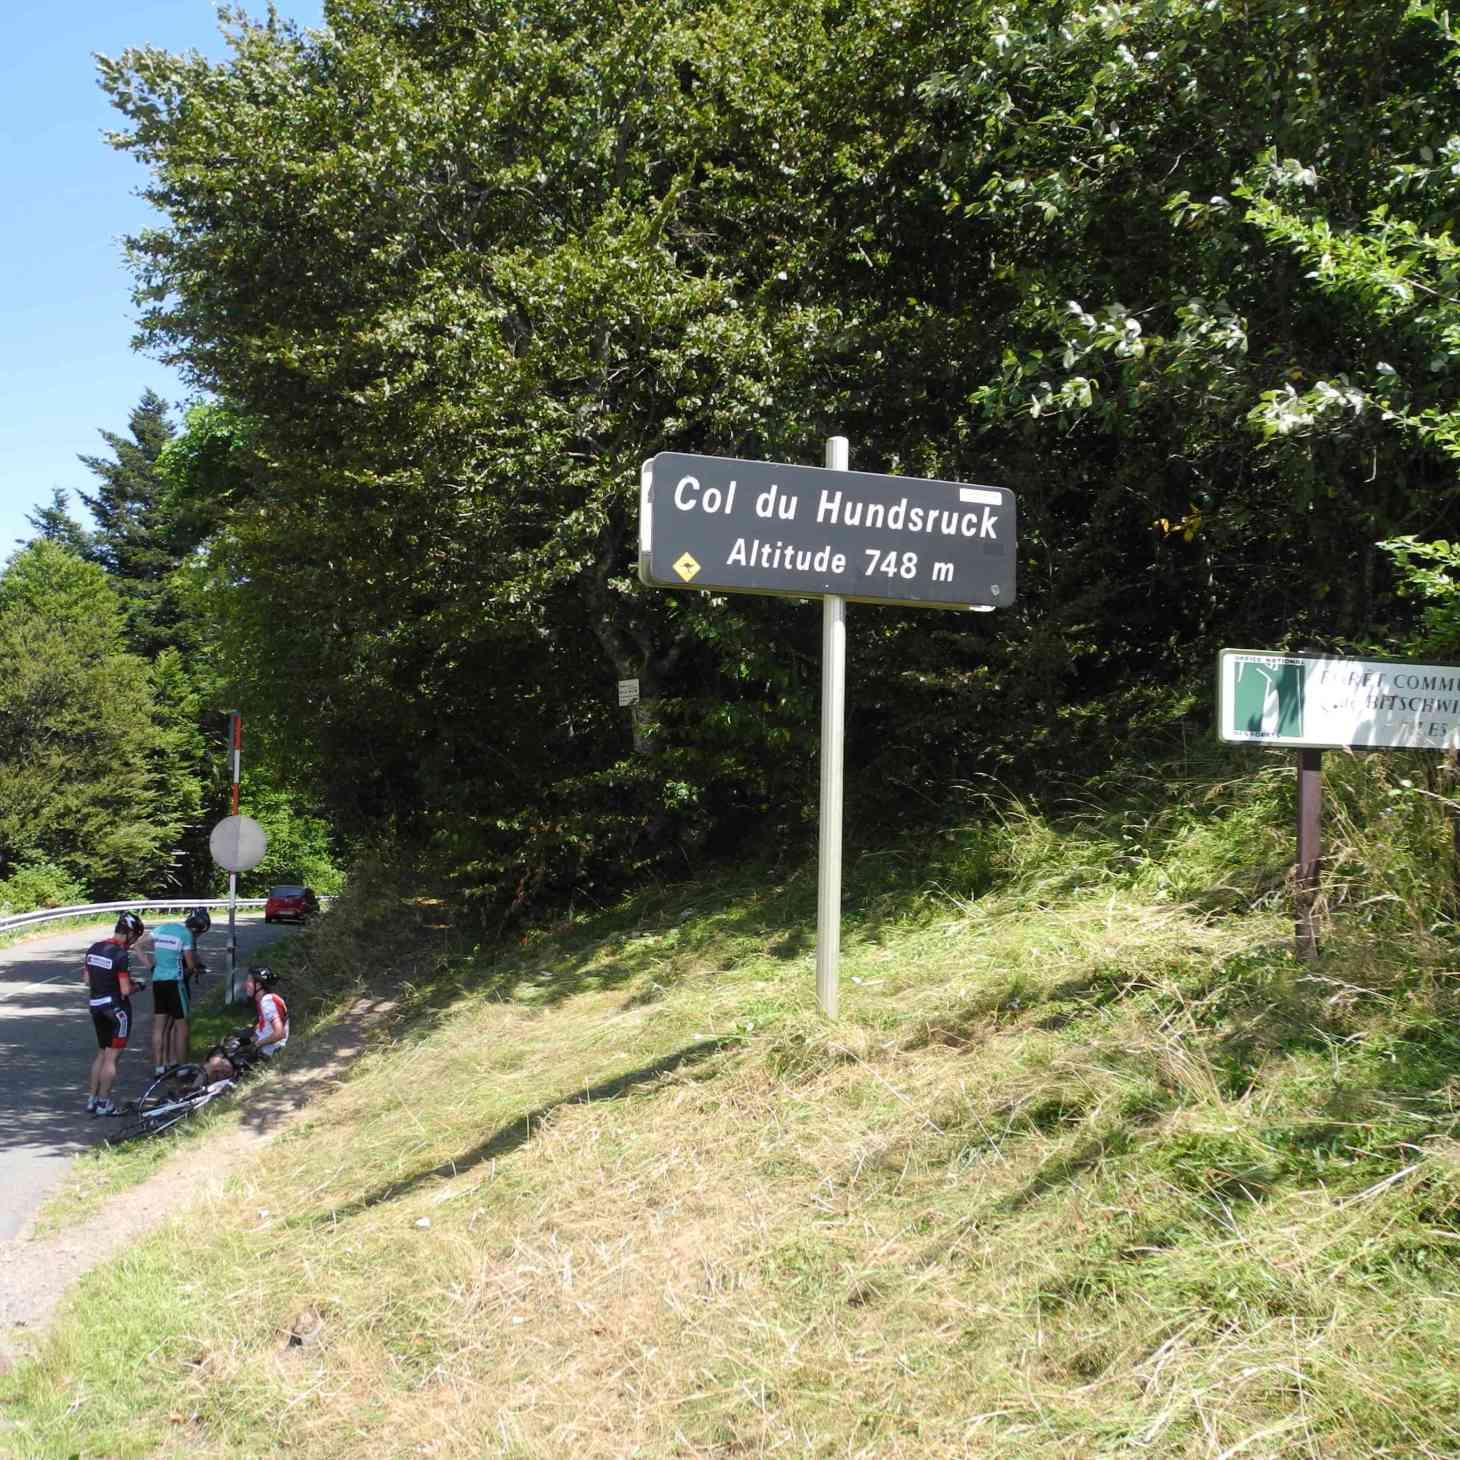 Col du Hundsruck (Haut-Rhin)